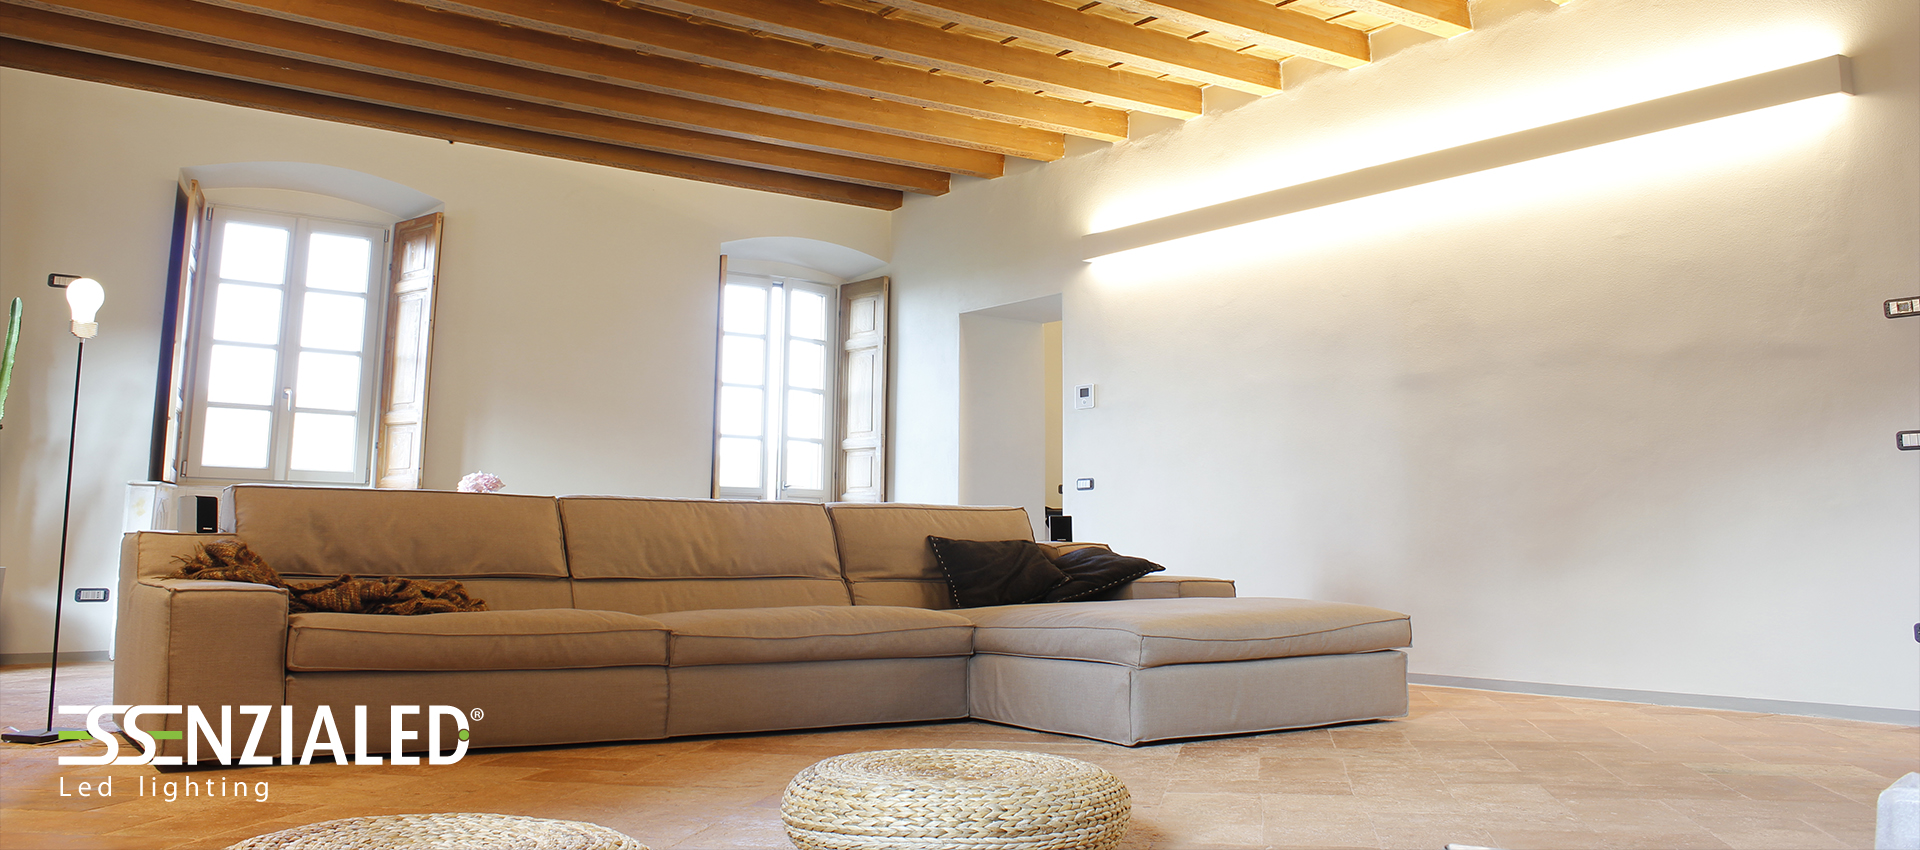 Righello essenzialed il design essenziale applique da - Illuminazione da parete design ...